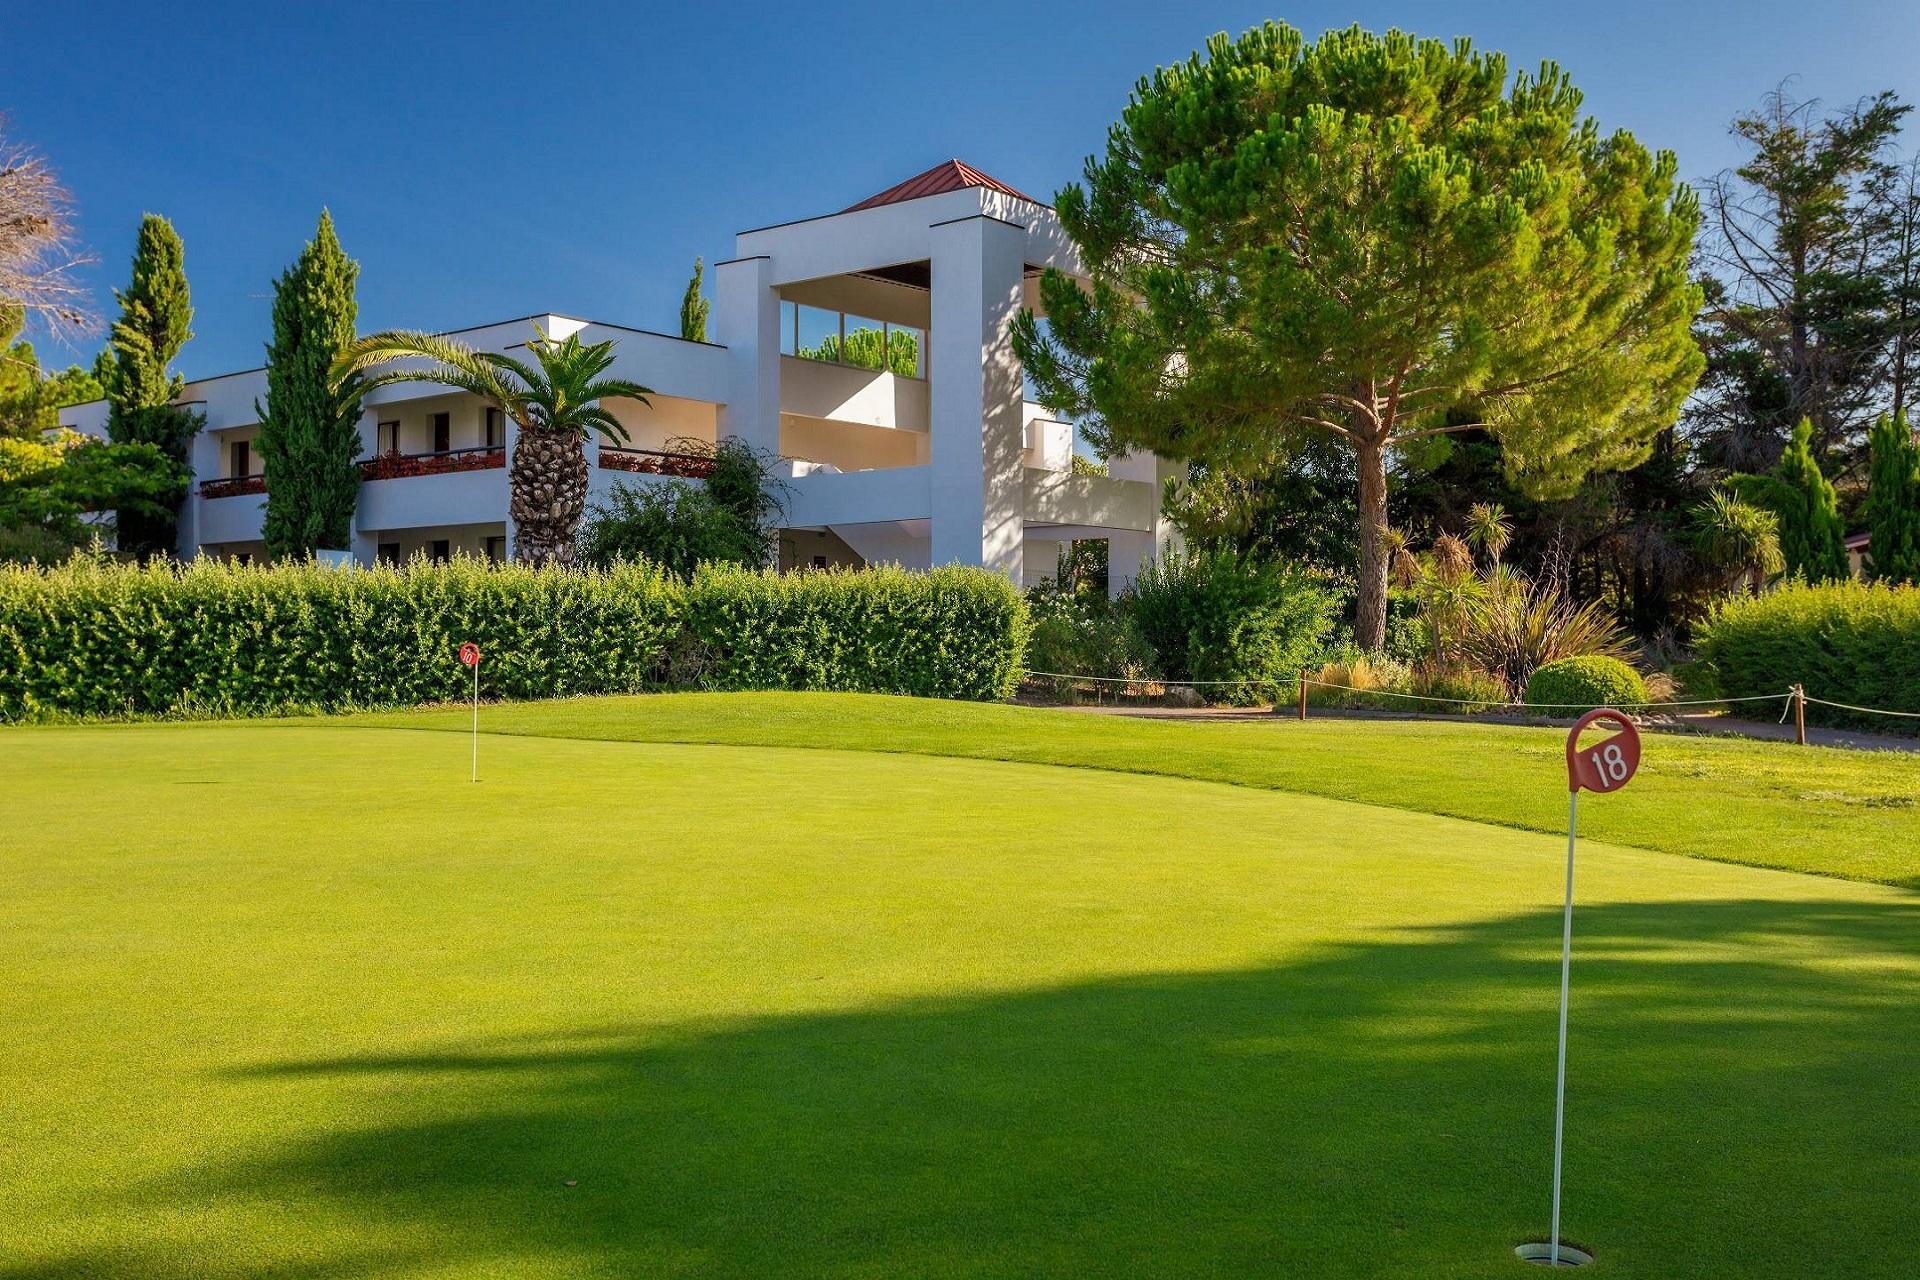 domaine-de-massane-montpellier-occitanie-seminaires-de-caractere-golf 3